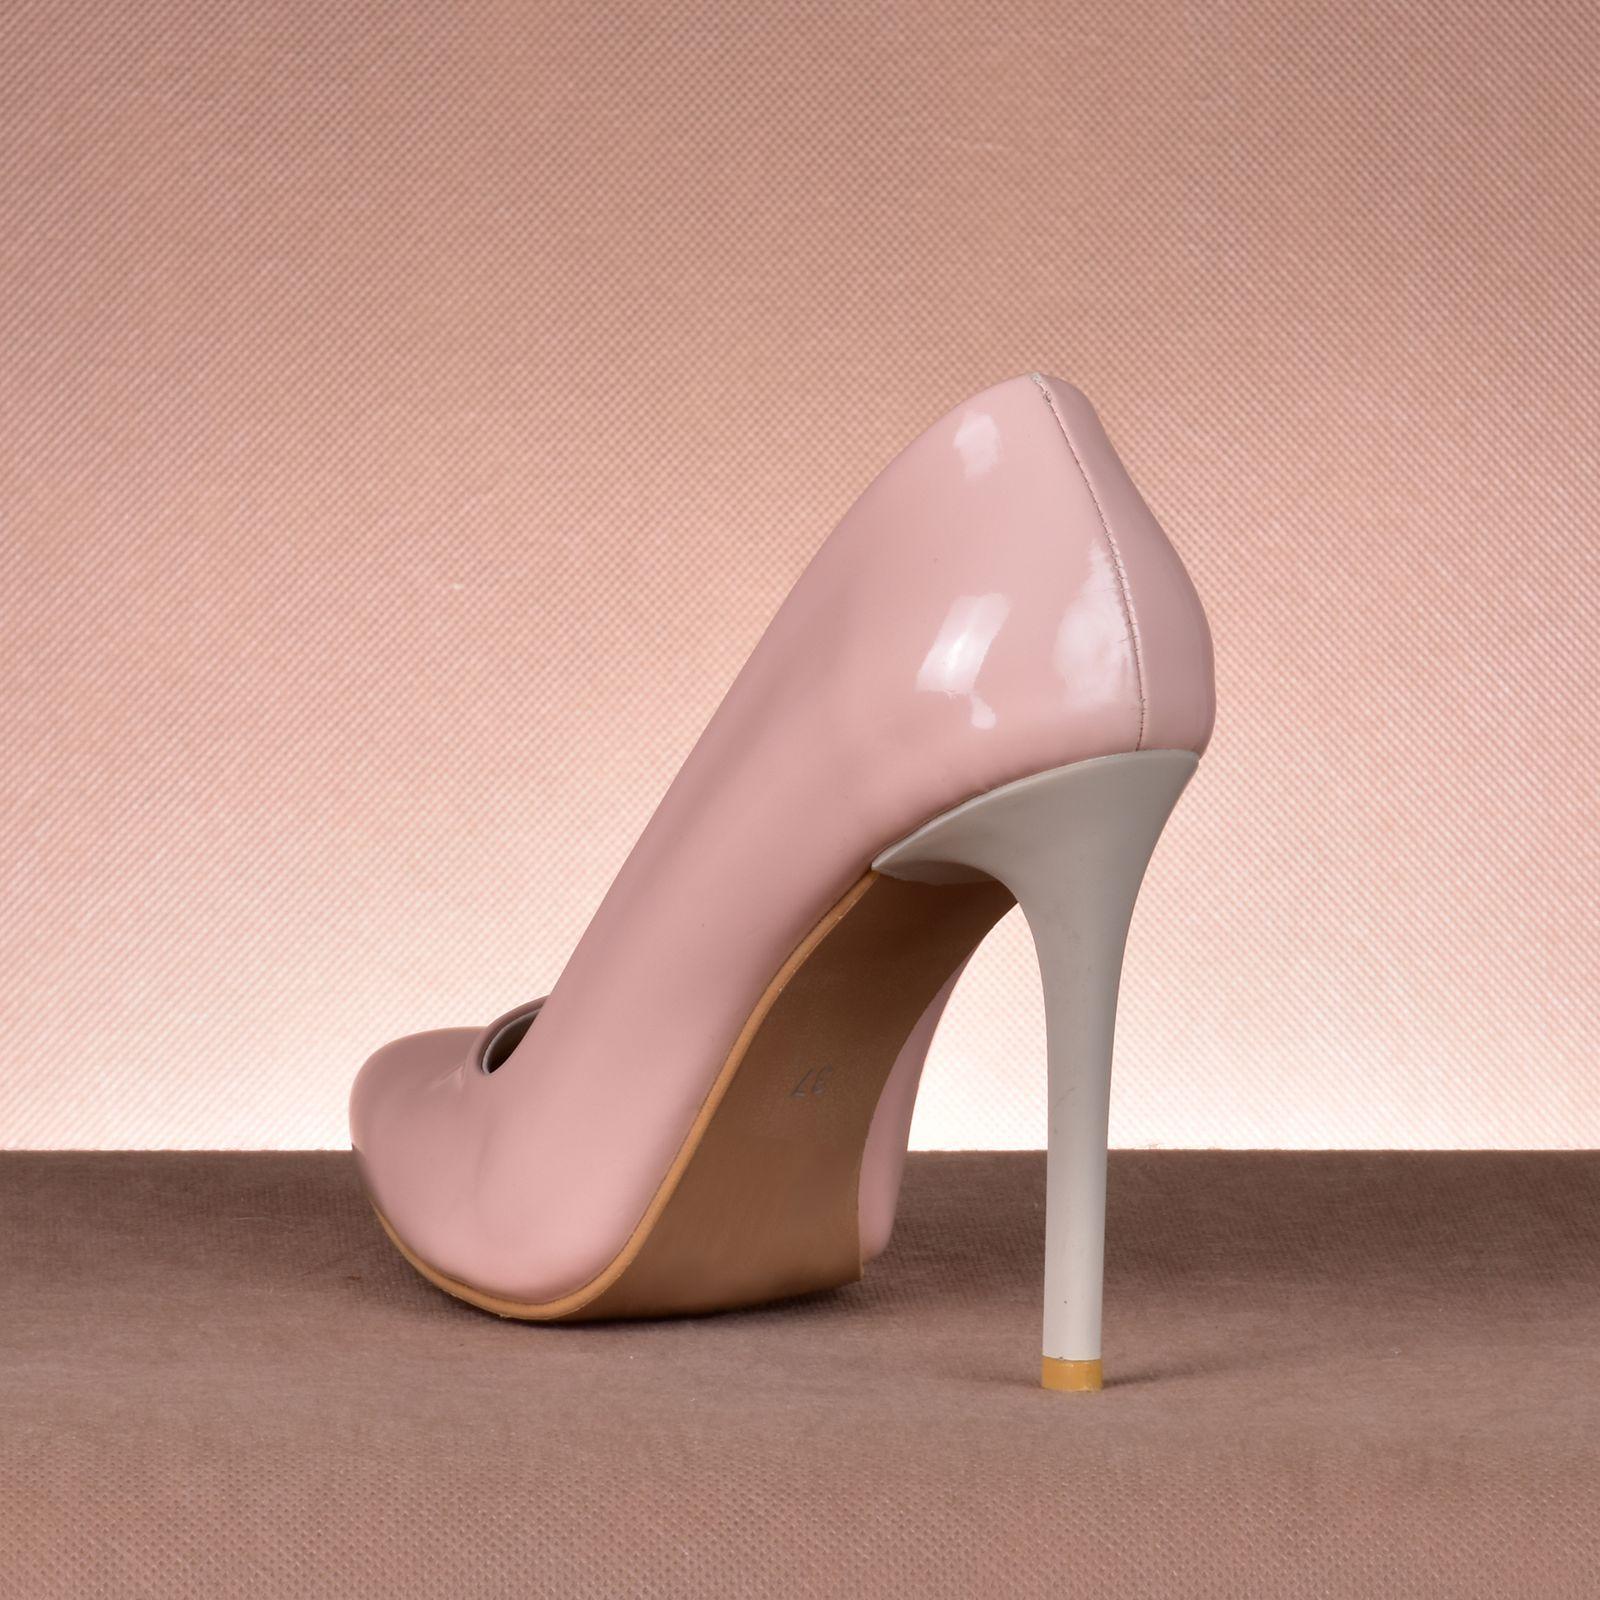 کفش زنانه تین بانی مدل ویکتوریا کد 31 -  - 4